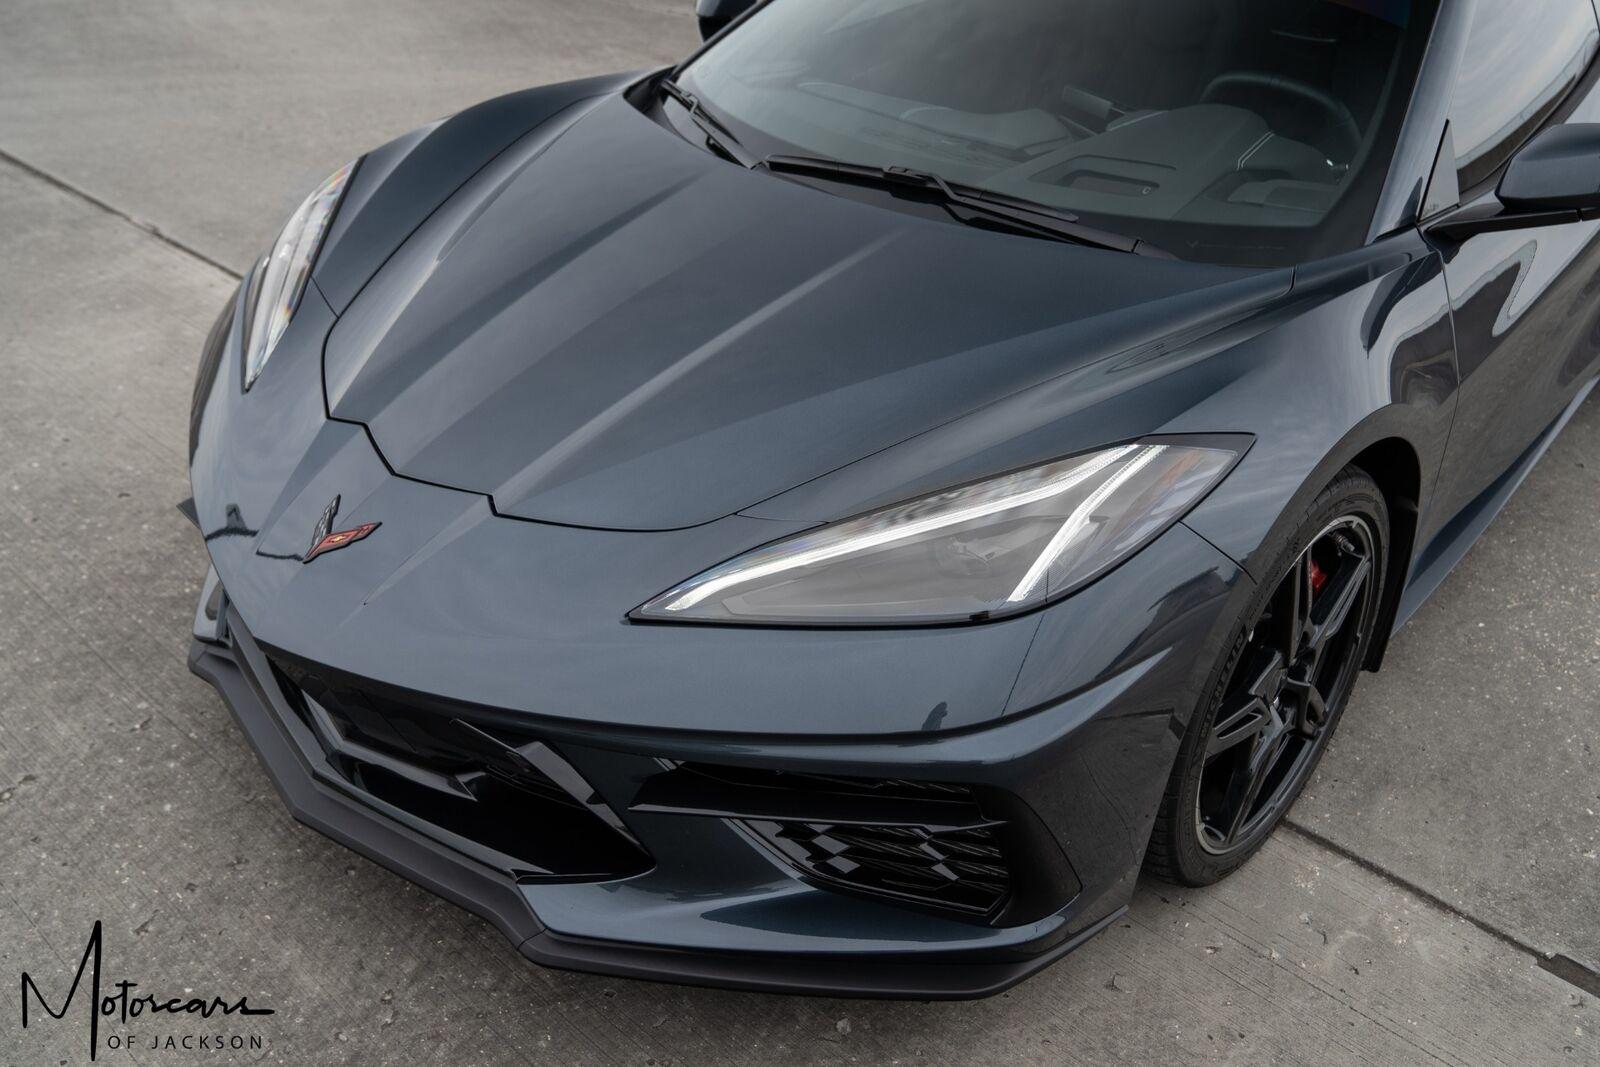 2020 Gray Chevrolet Corvette  2LT | C7 Corvette Photo 10